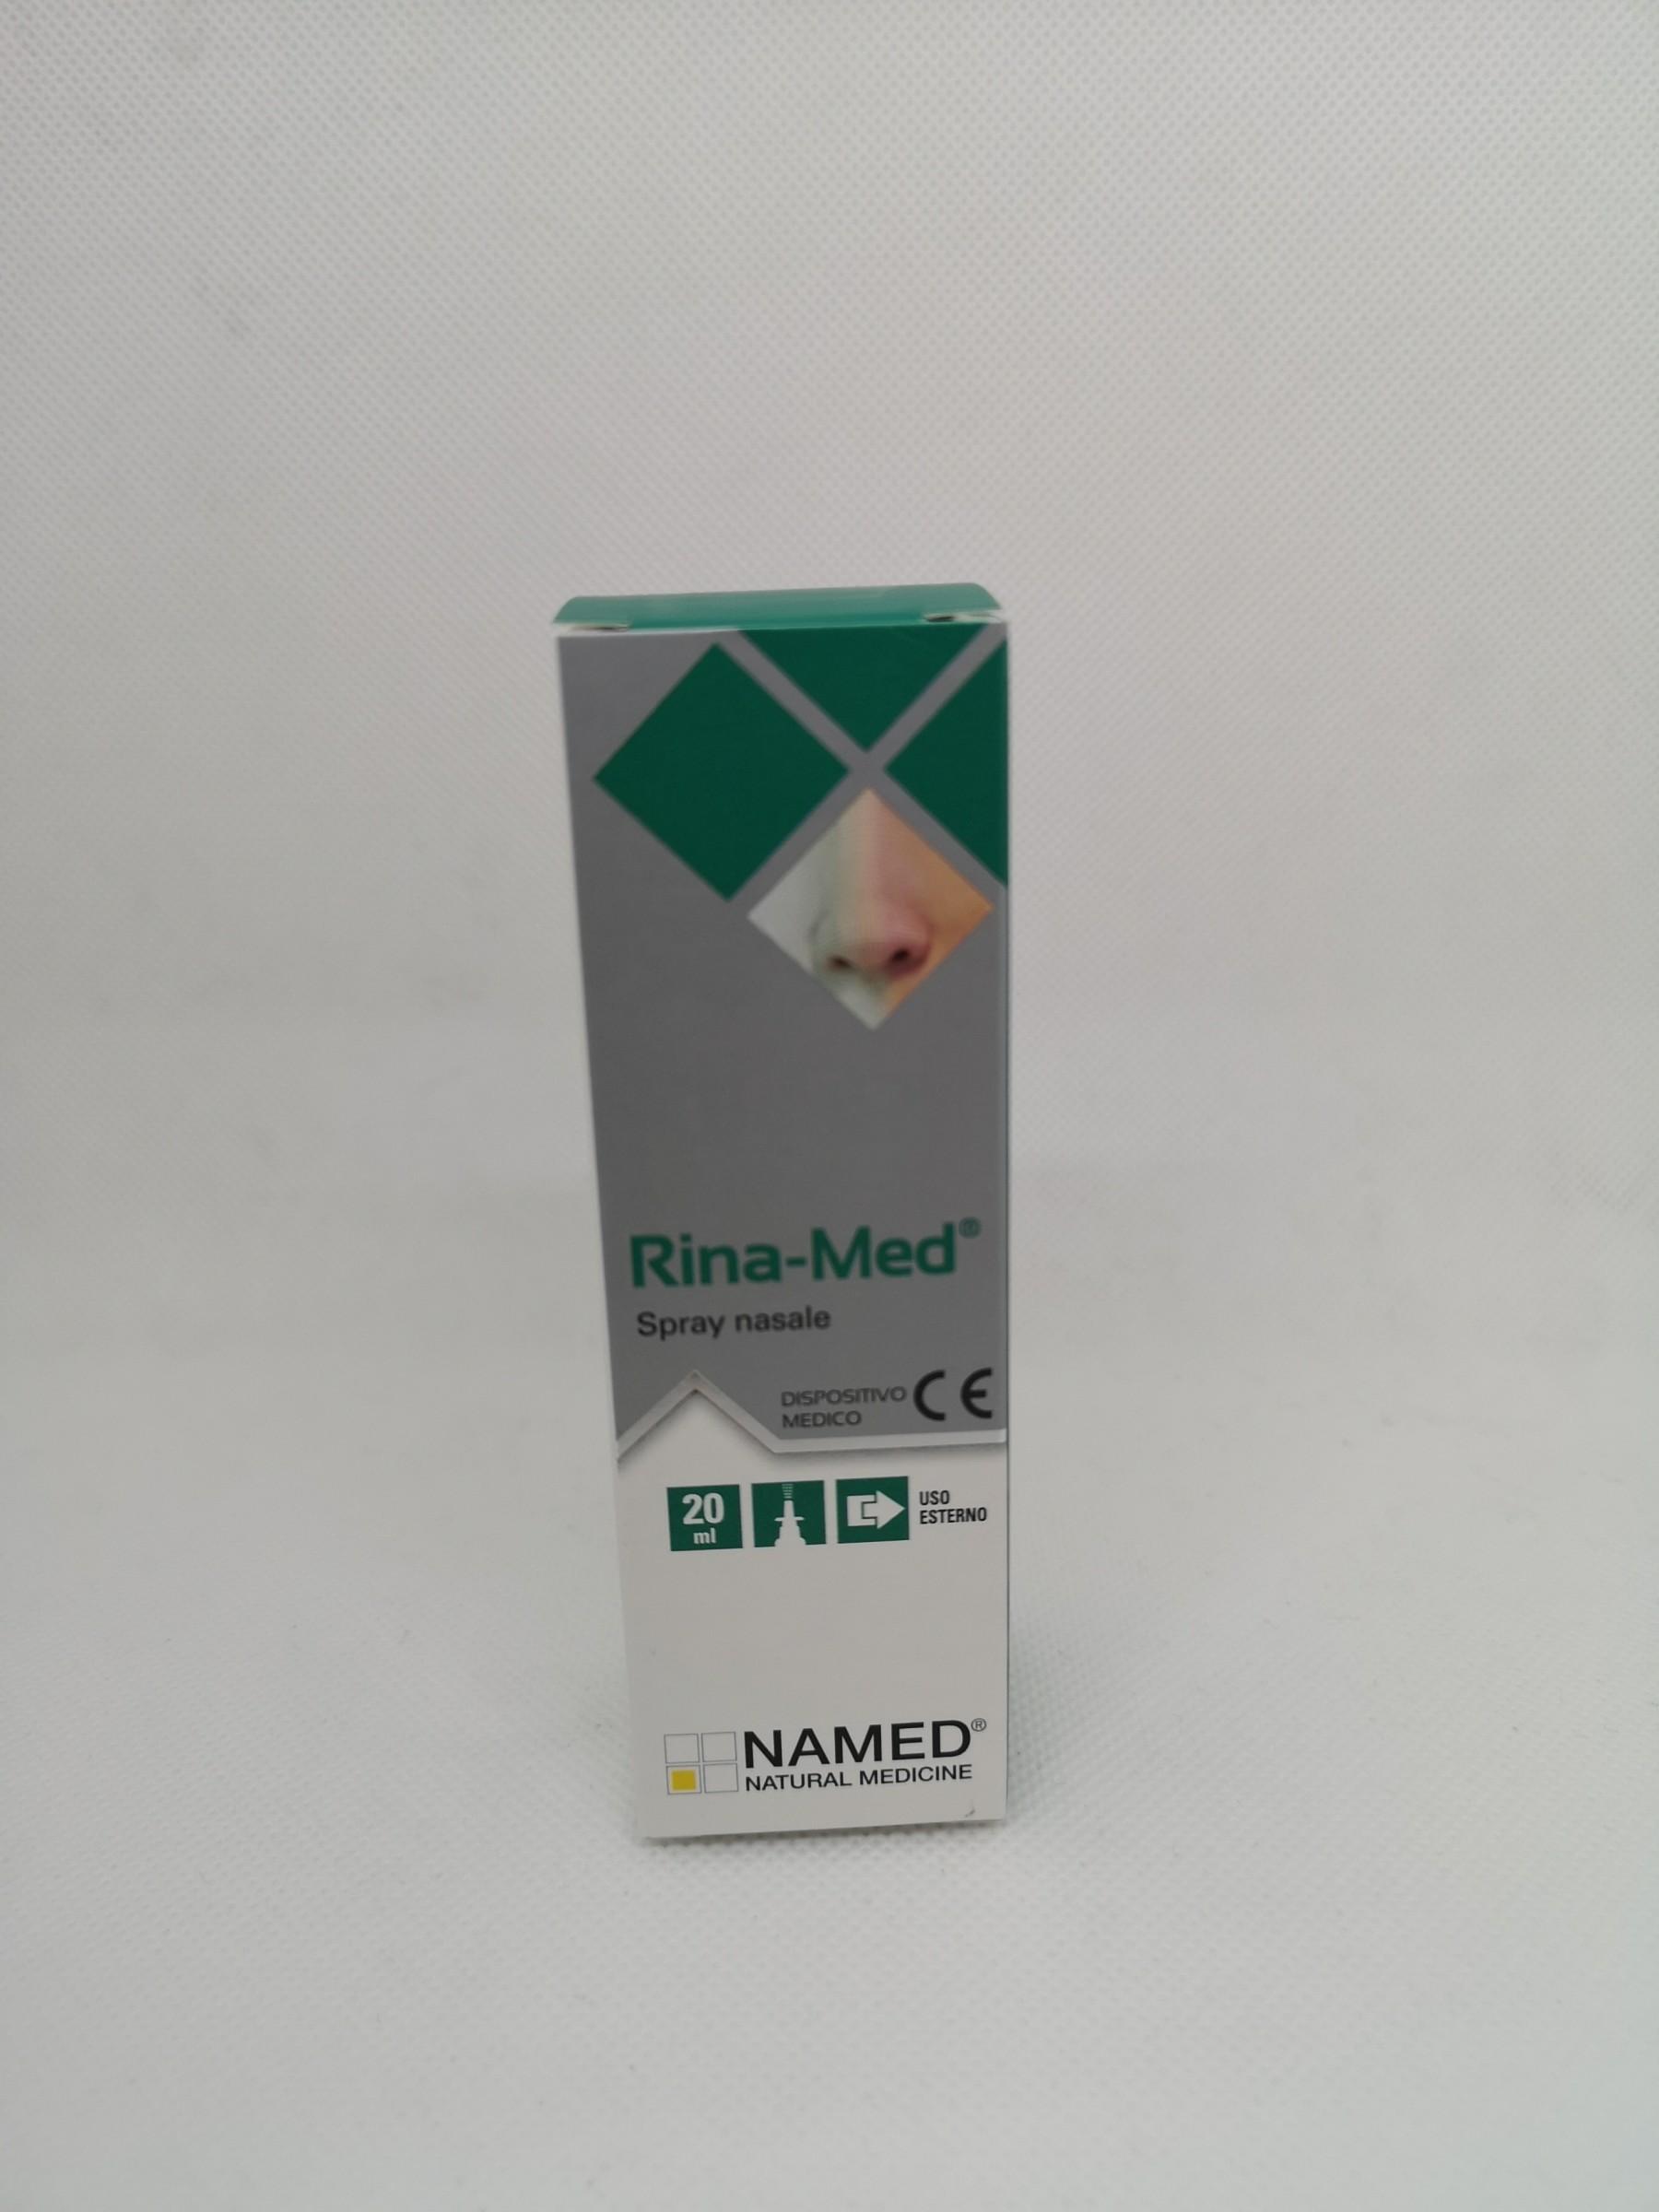 Named Rina-Med spray nasale 20ml